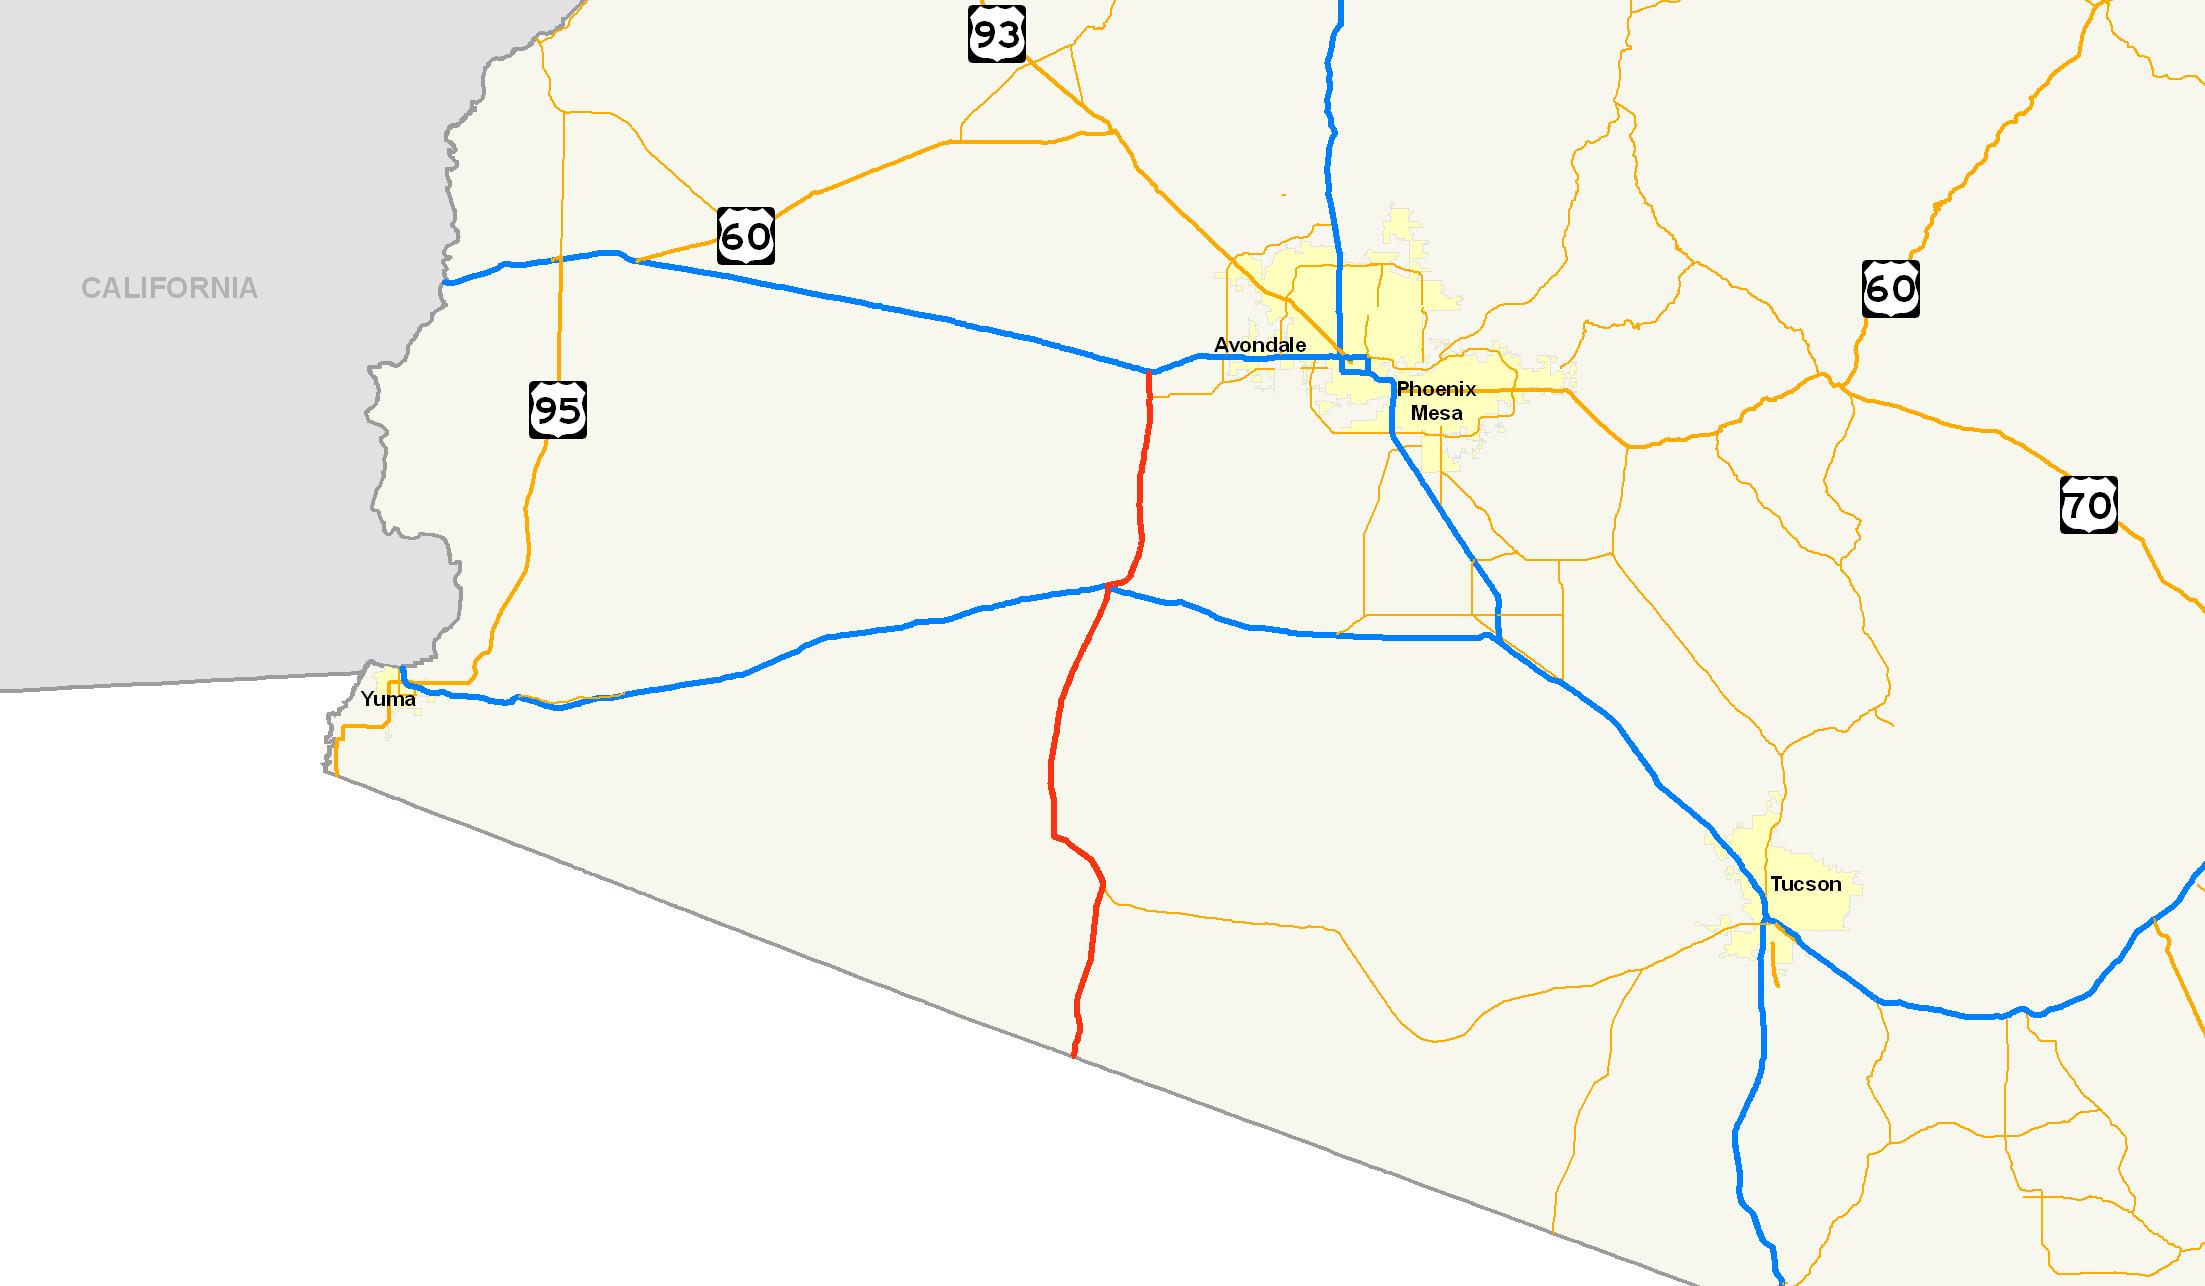 Tucson Arizona Karte.File Arizona State Route 85 Map Png Wikimedia Commons